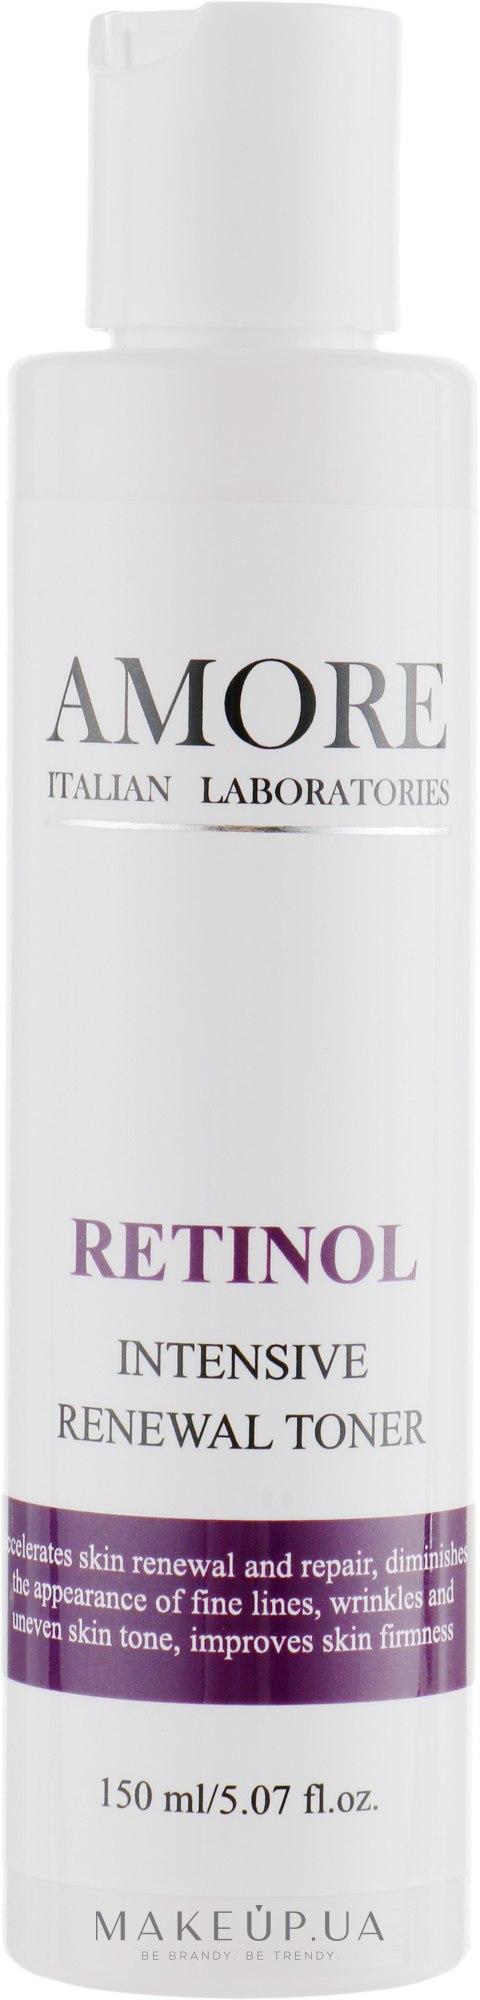 Концентрированный тоник с ретинолом для обновления кожи - Amore Retinol Intensive Renewal Toner — фото 150ml